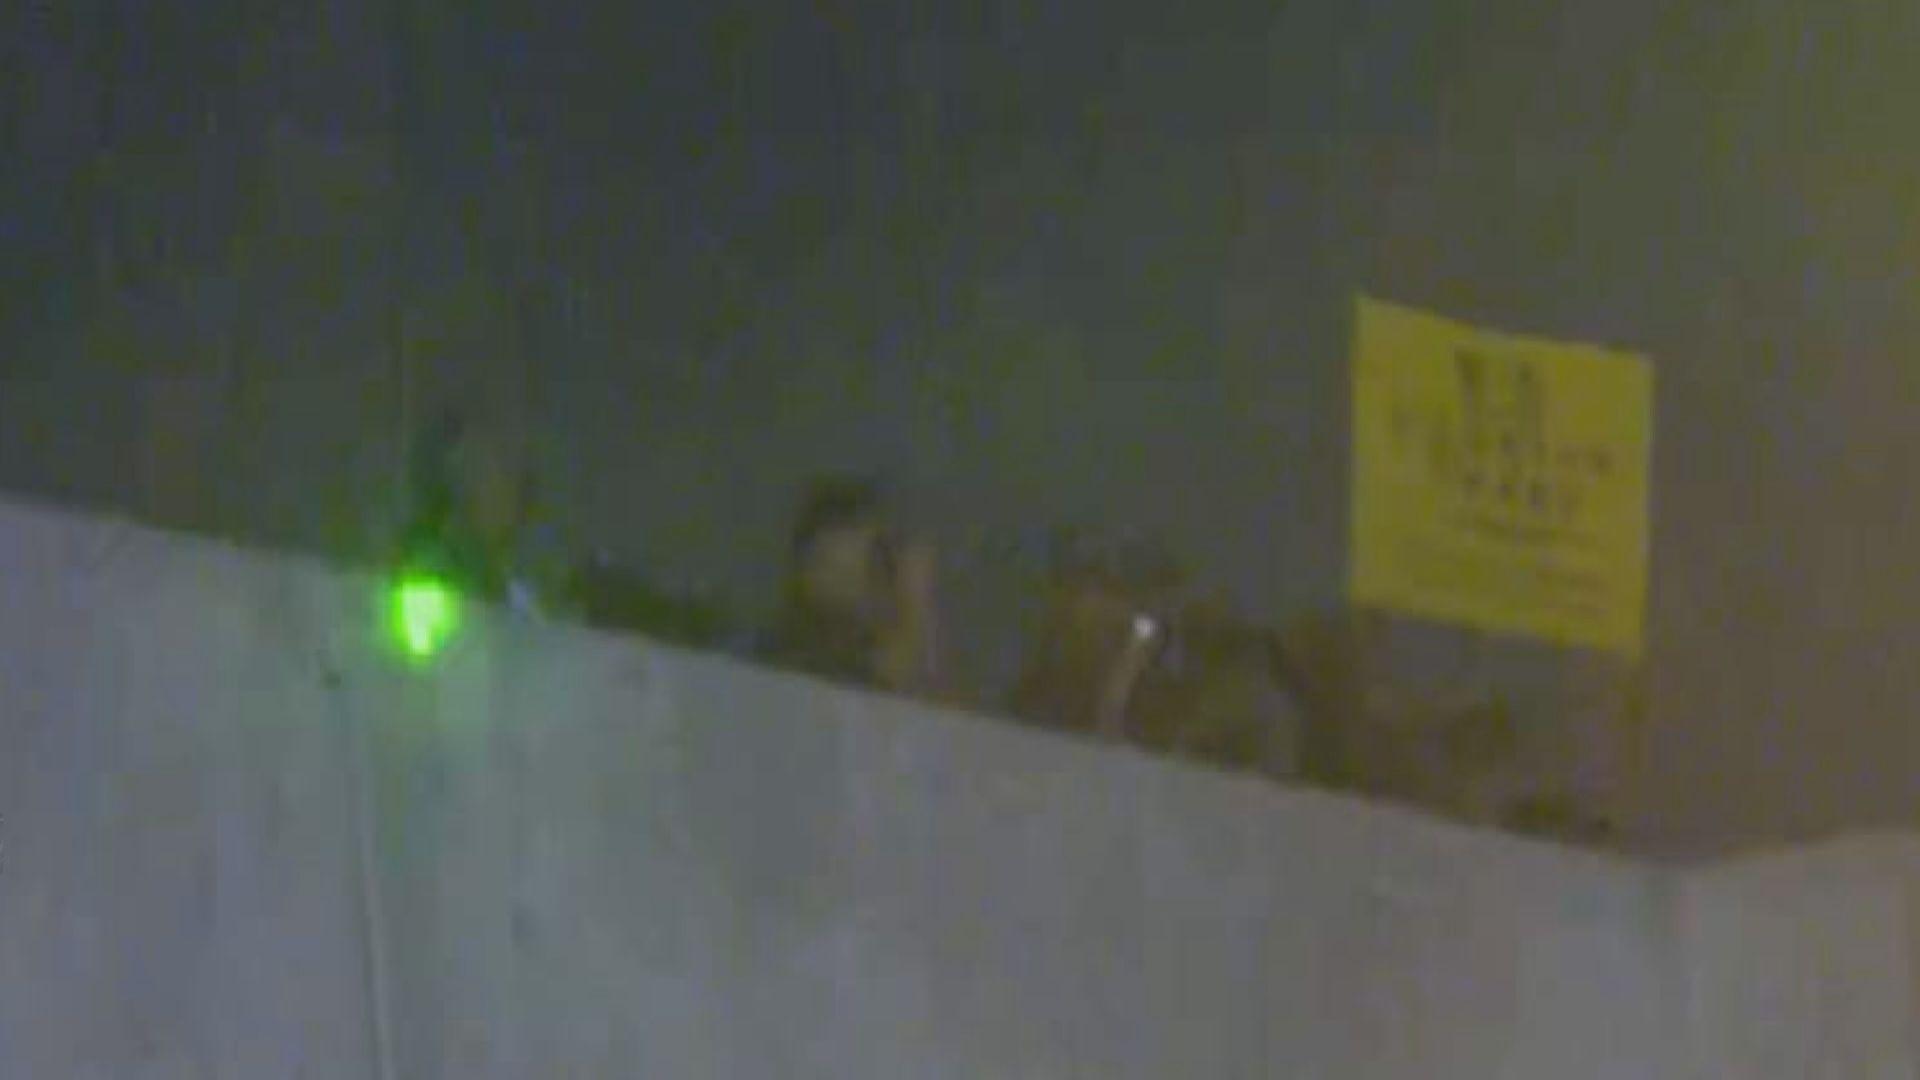 九龍塘示威者照強光 解放軍營有人舉旗警告